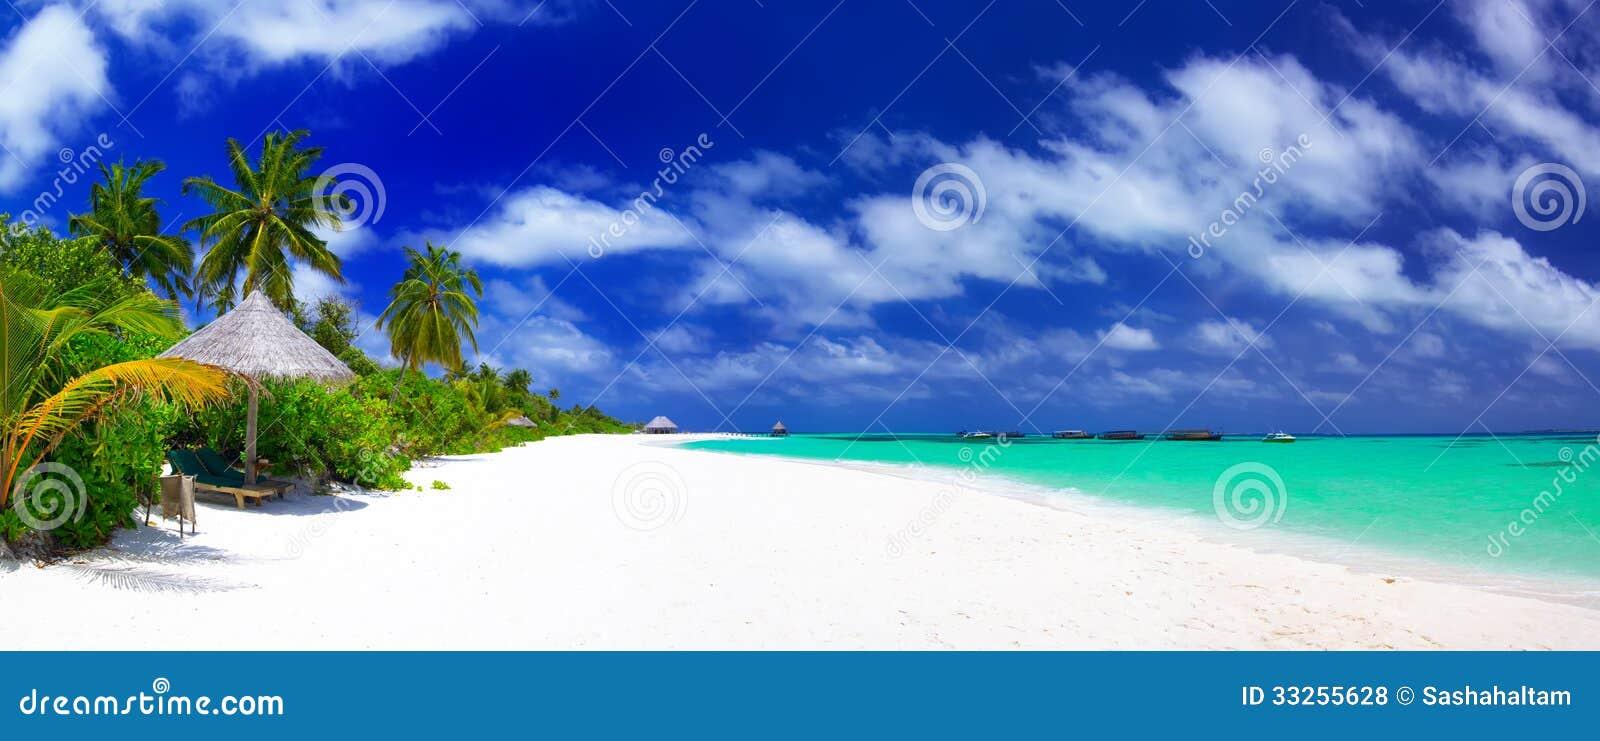 Panorama of beautiful beach on Maldives